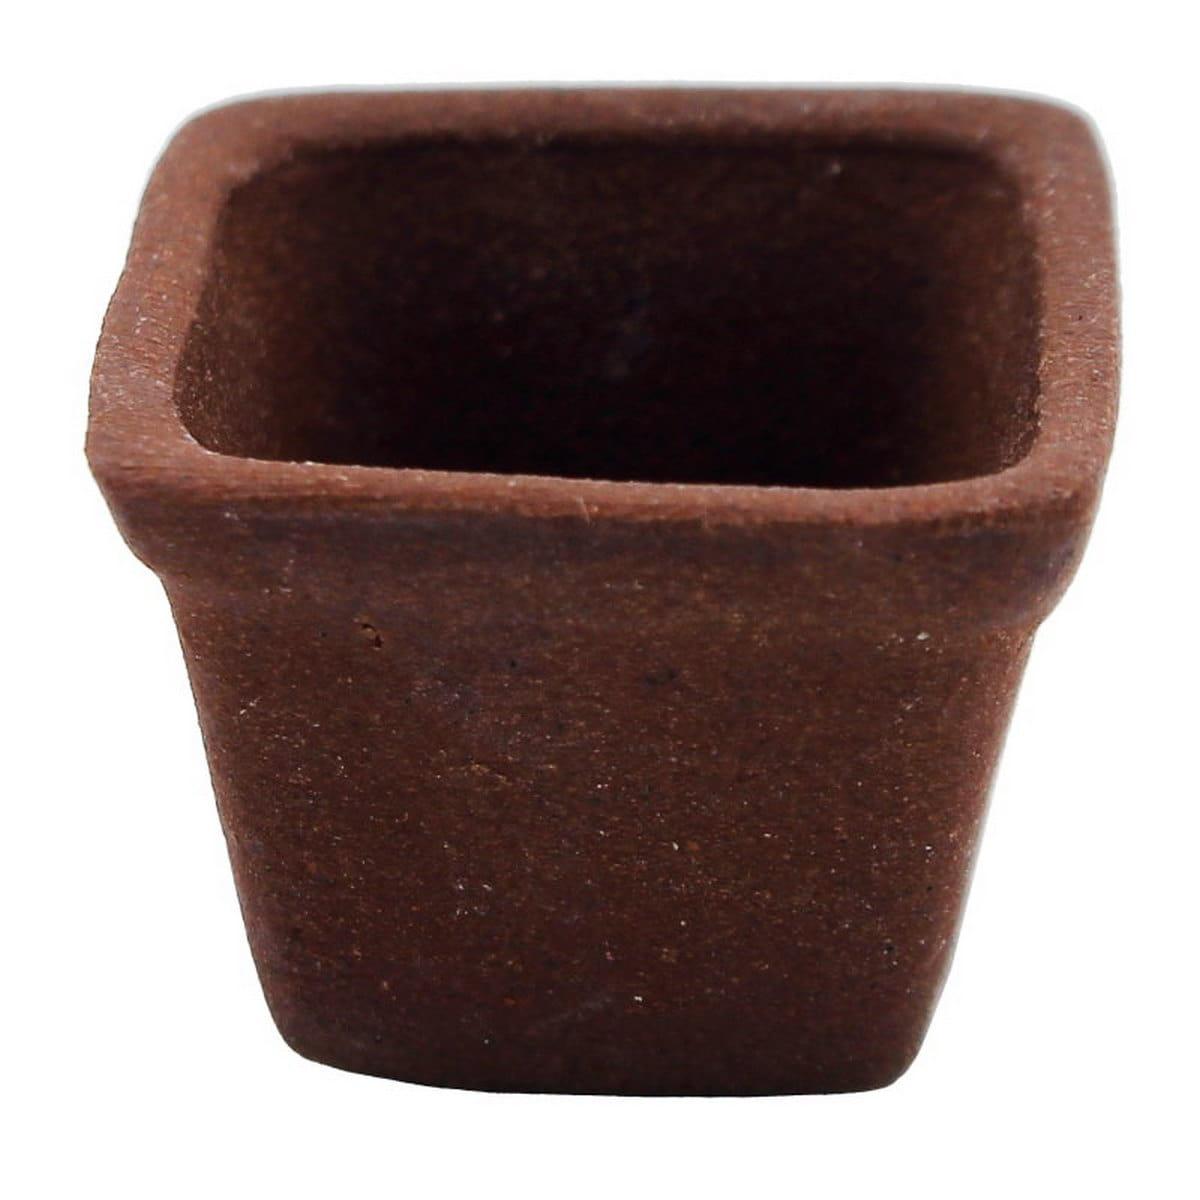 Miniature Ceramic Pot